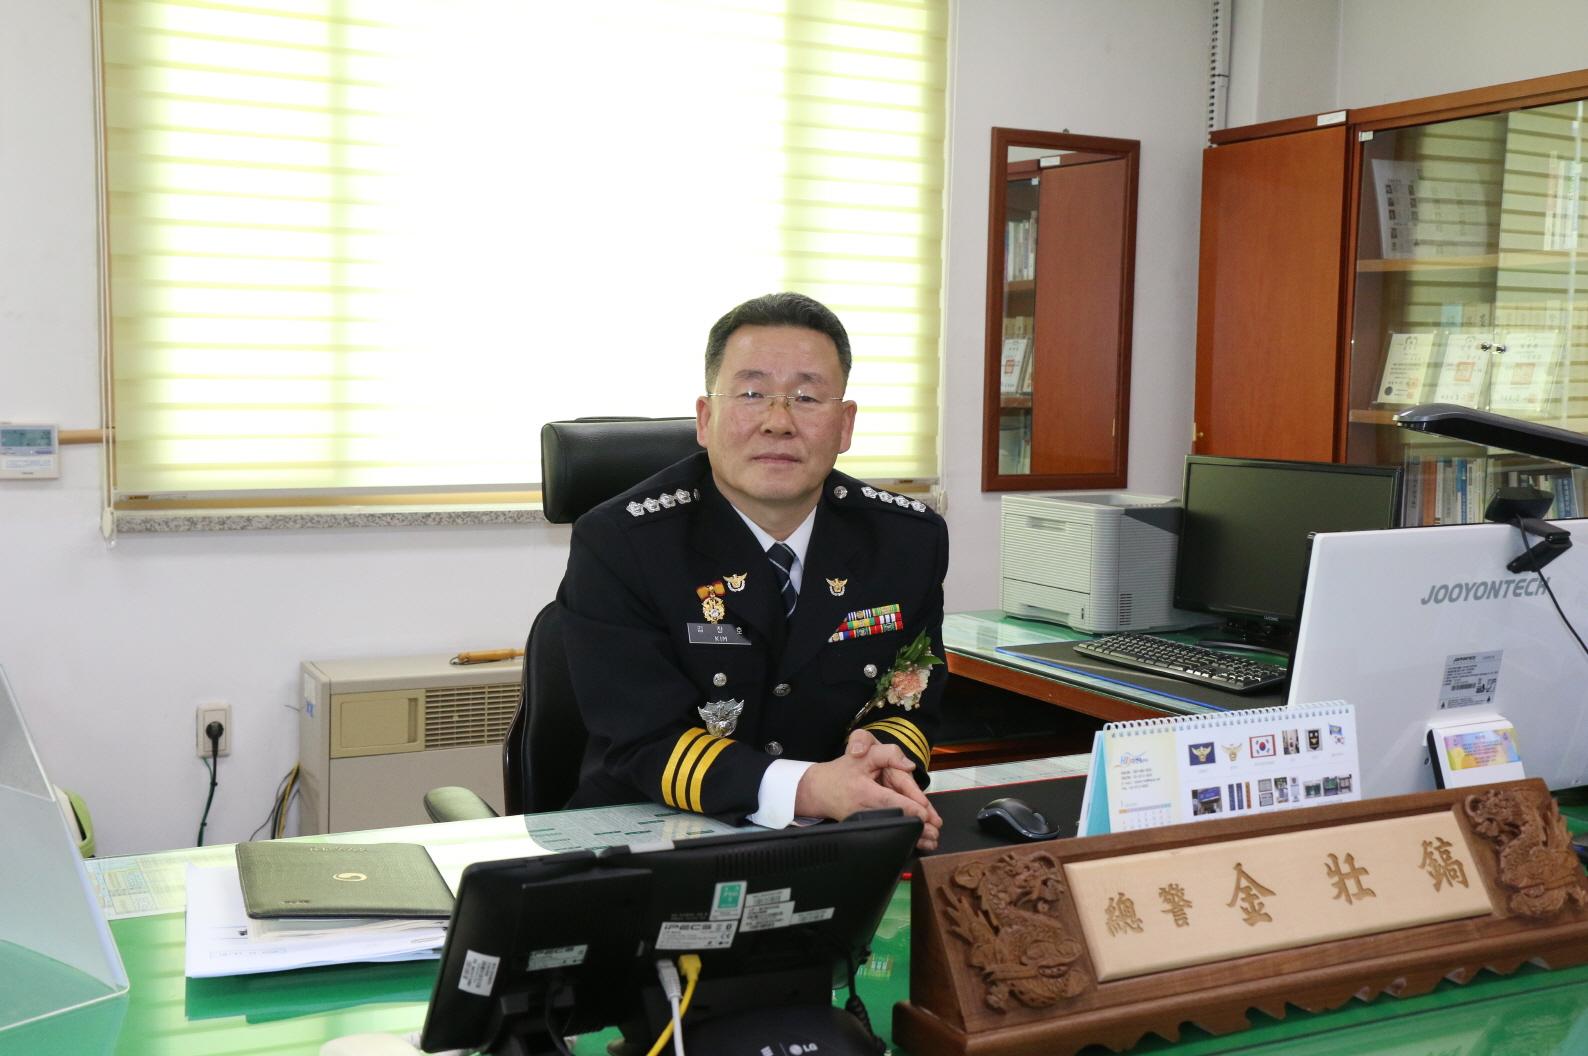 제66대 김장호 예산경찰서장 취임사